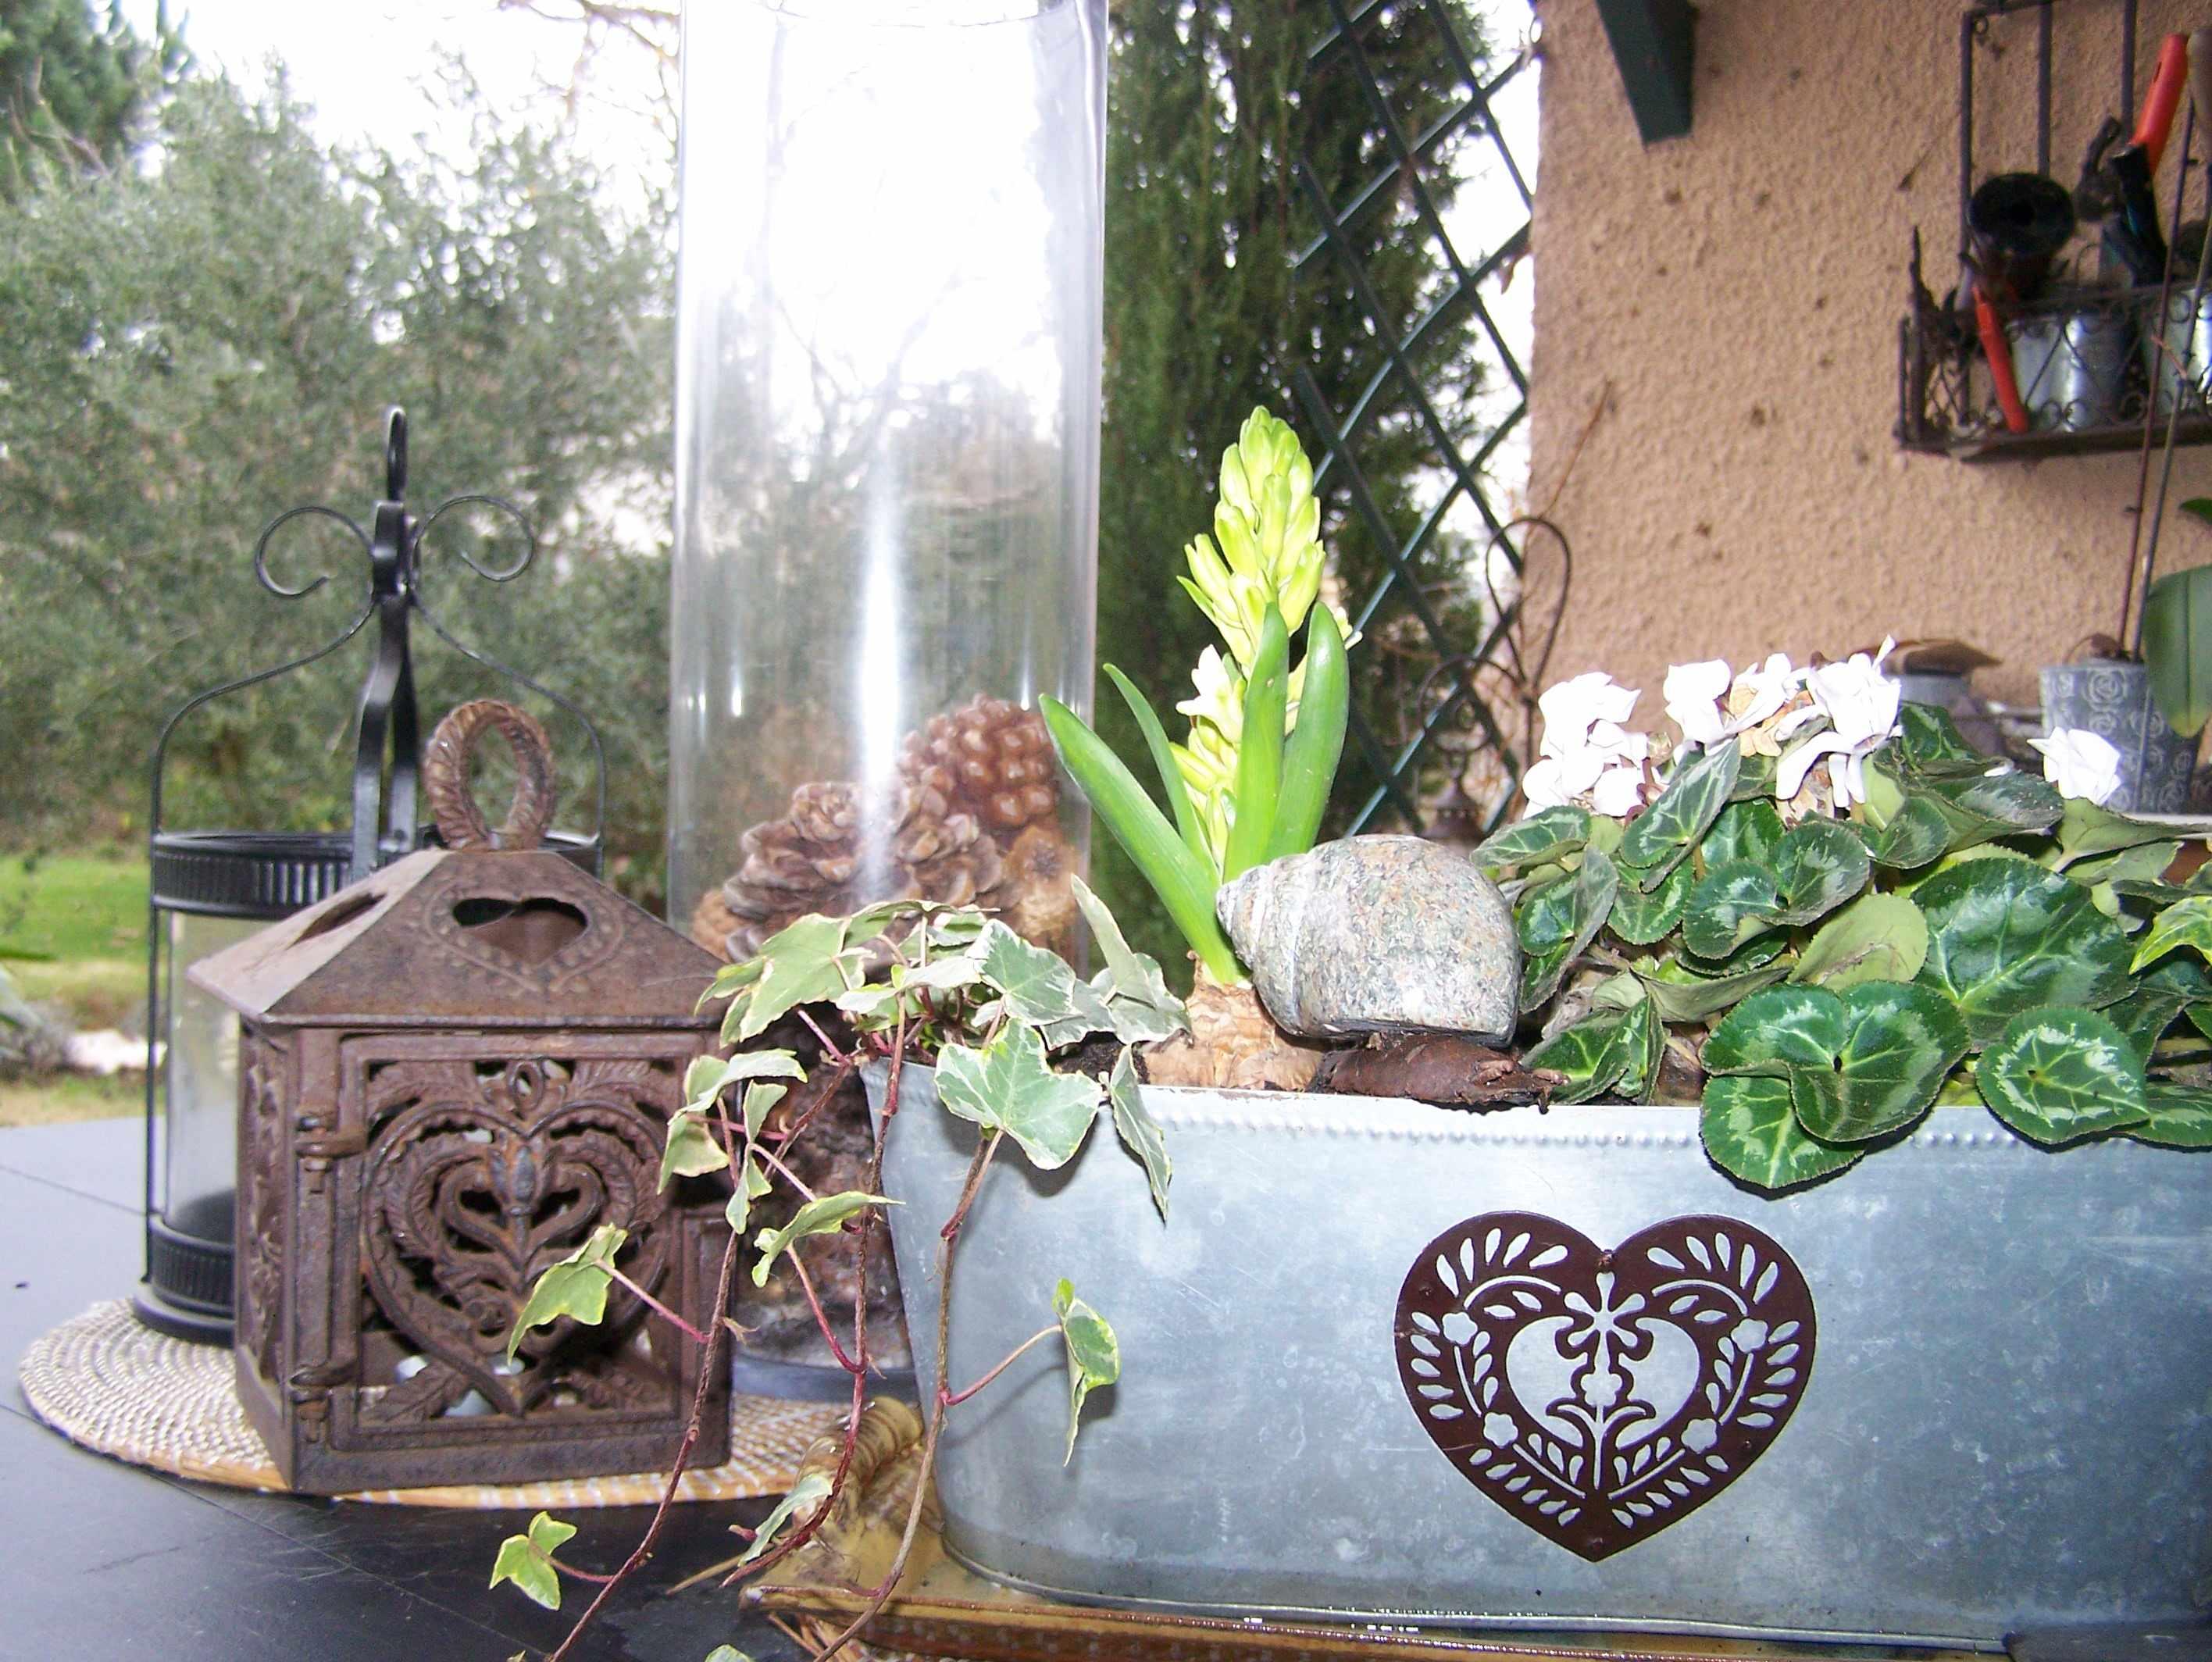 deco de fete nature Christelle jardinière et lanternes